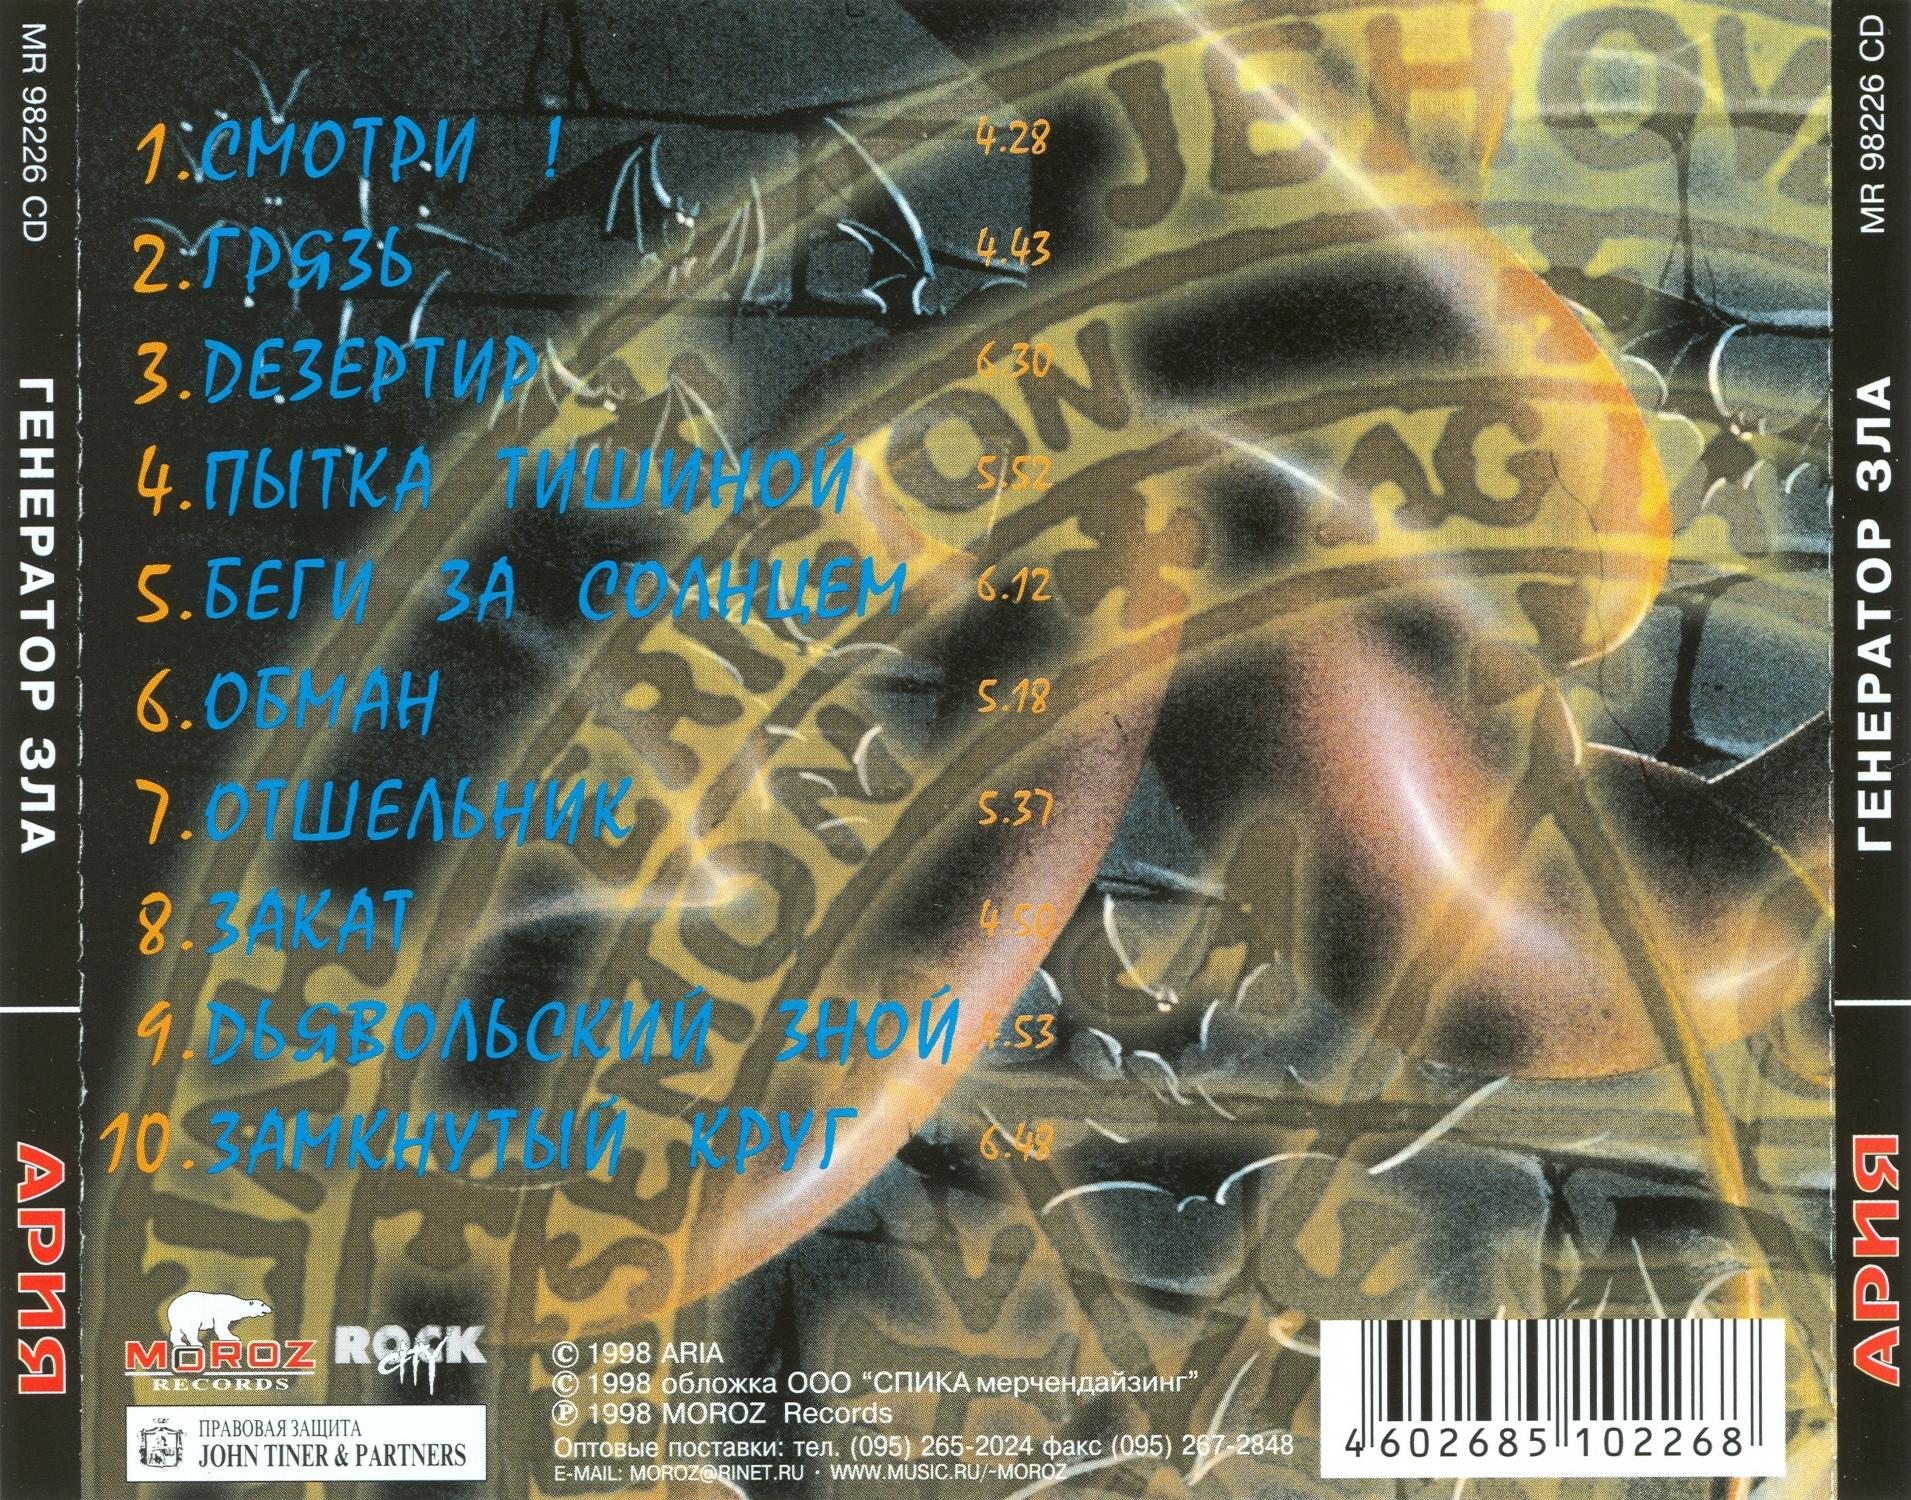 Ария дискография скачать все альбомы